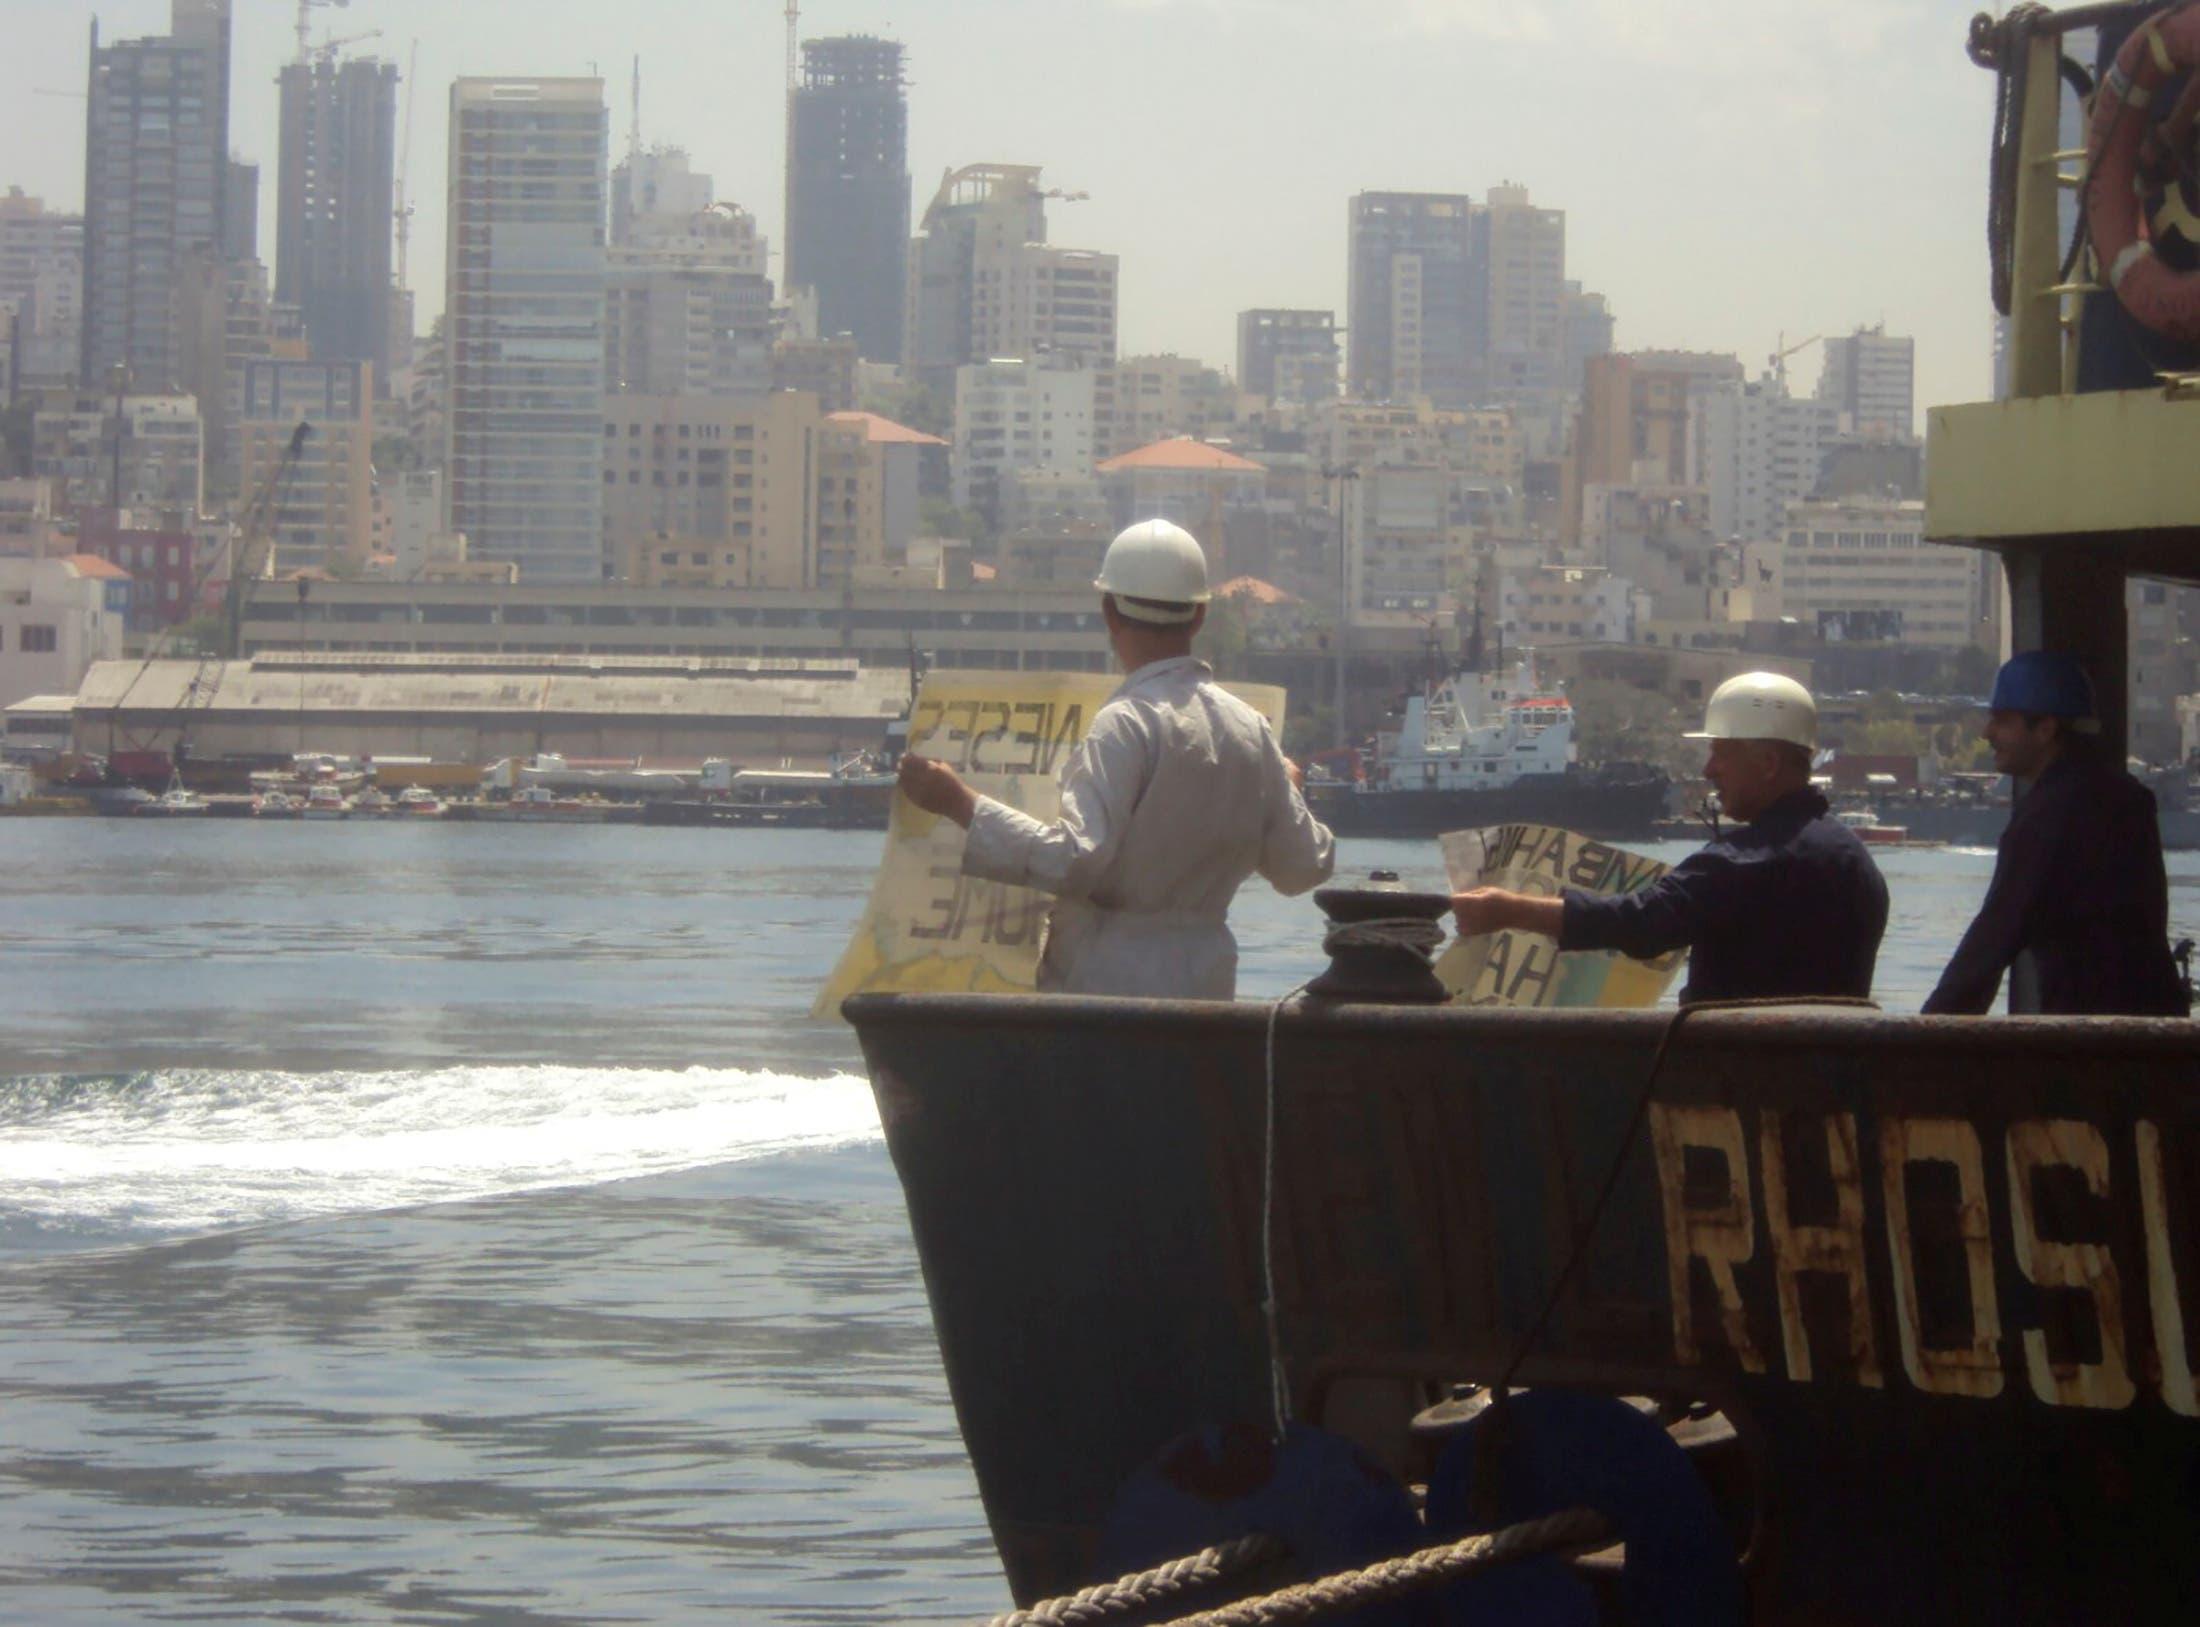 القبطان بوريس بروكوشيف وأفراد من طاقم سفينة روسوس يطالبون بالإفراج عنهم عندما كانوا معتقلين قبل سنوات في مرفأ بيروت